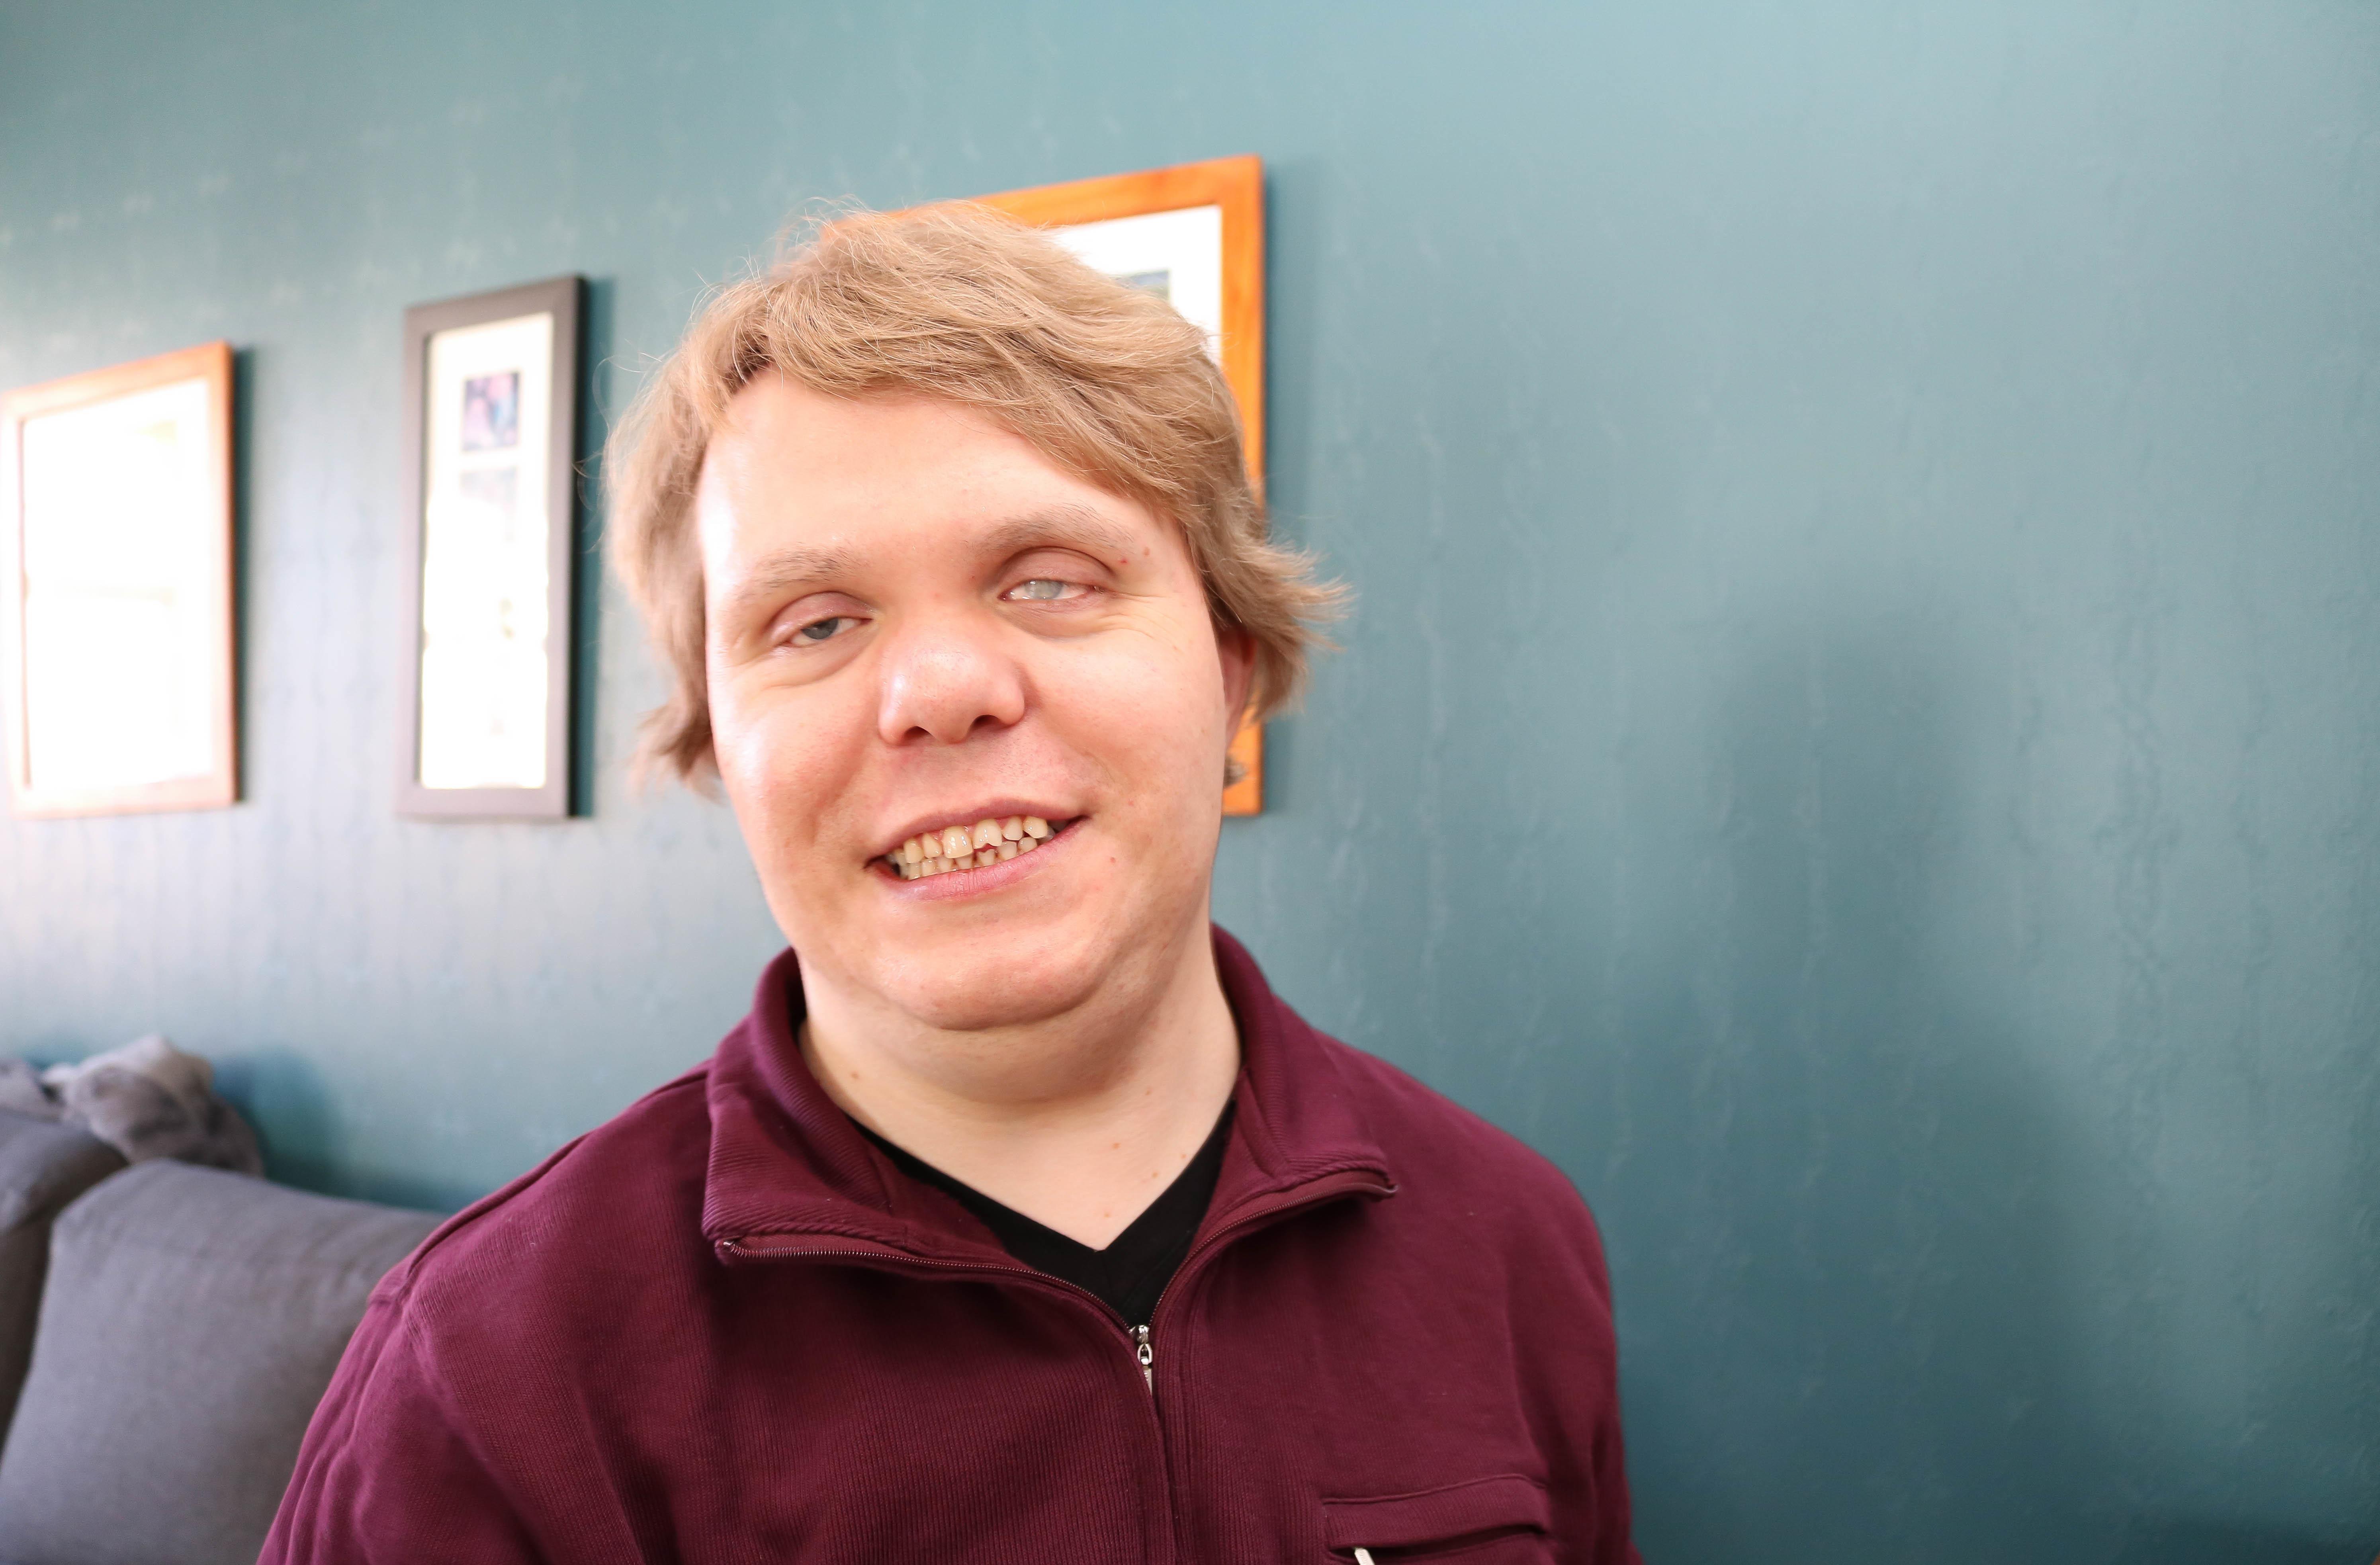 Portrettbilde av smilende døvblind mann, mørkeblå bakgrunn.